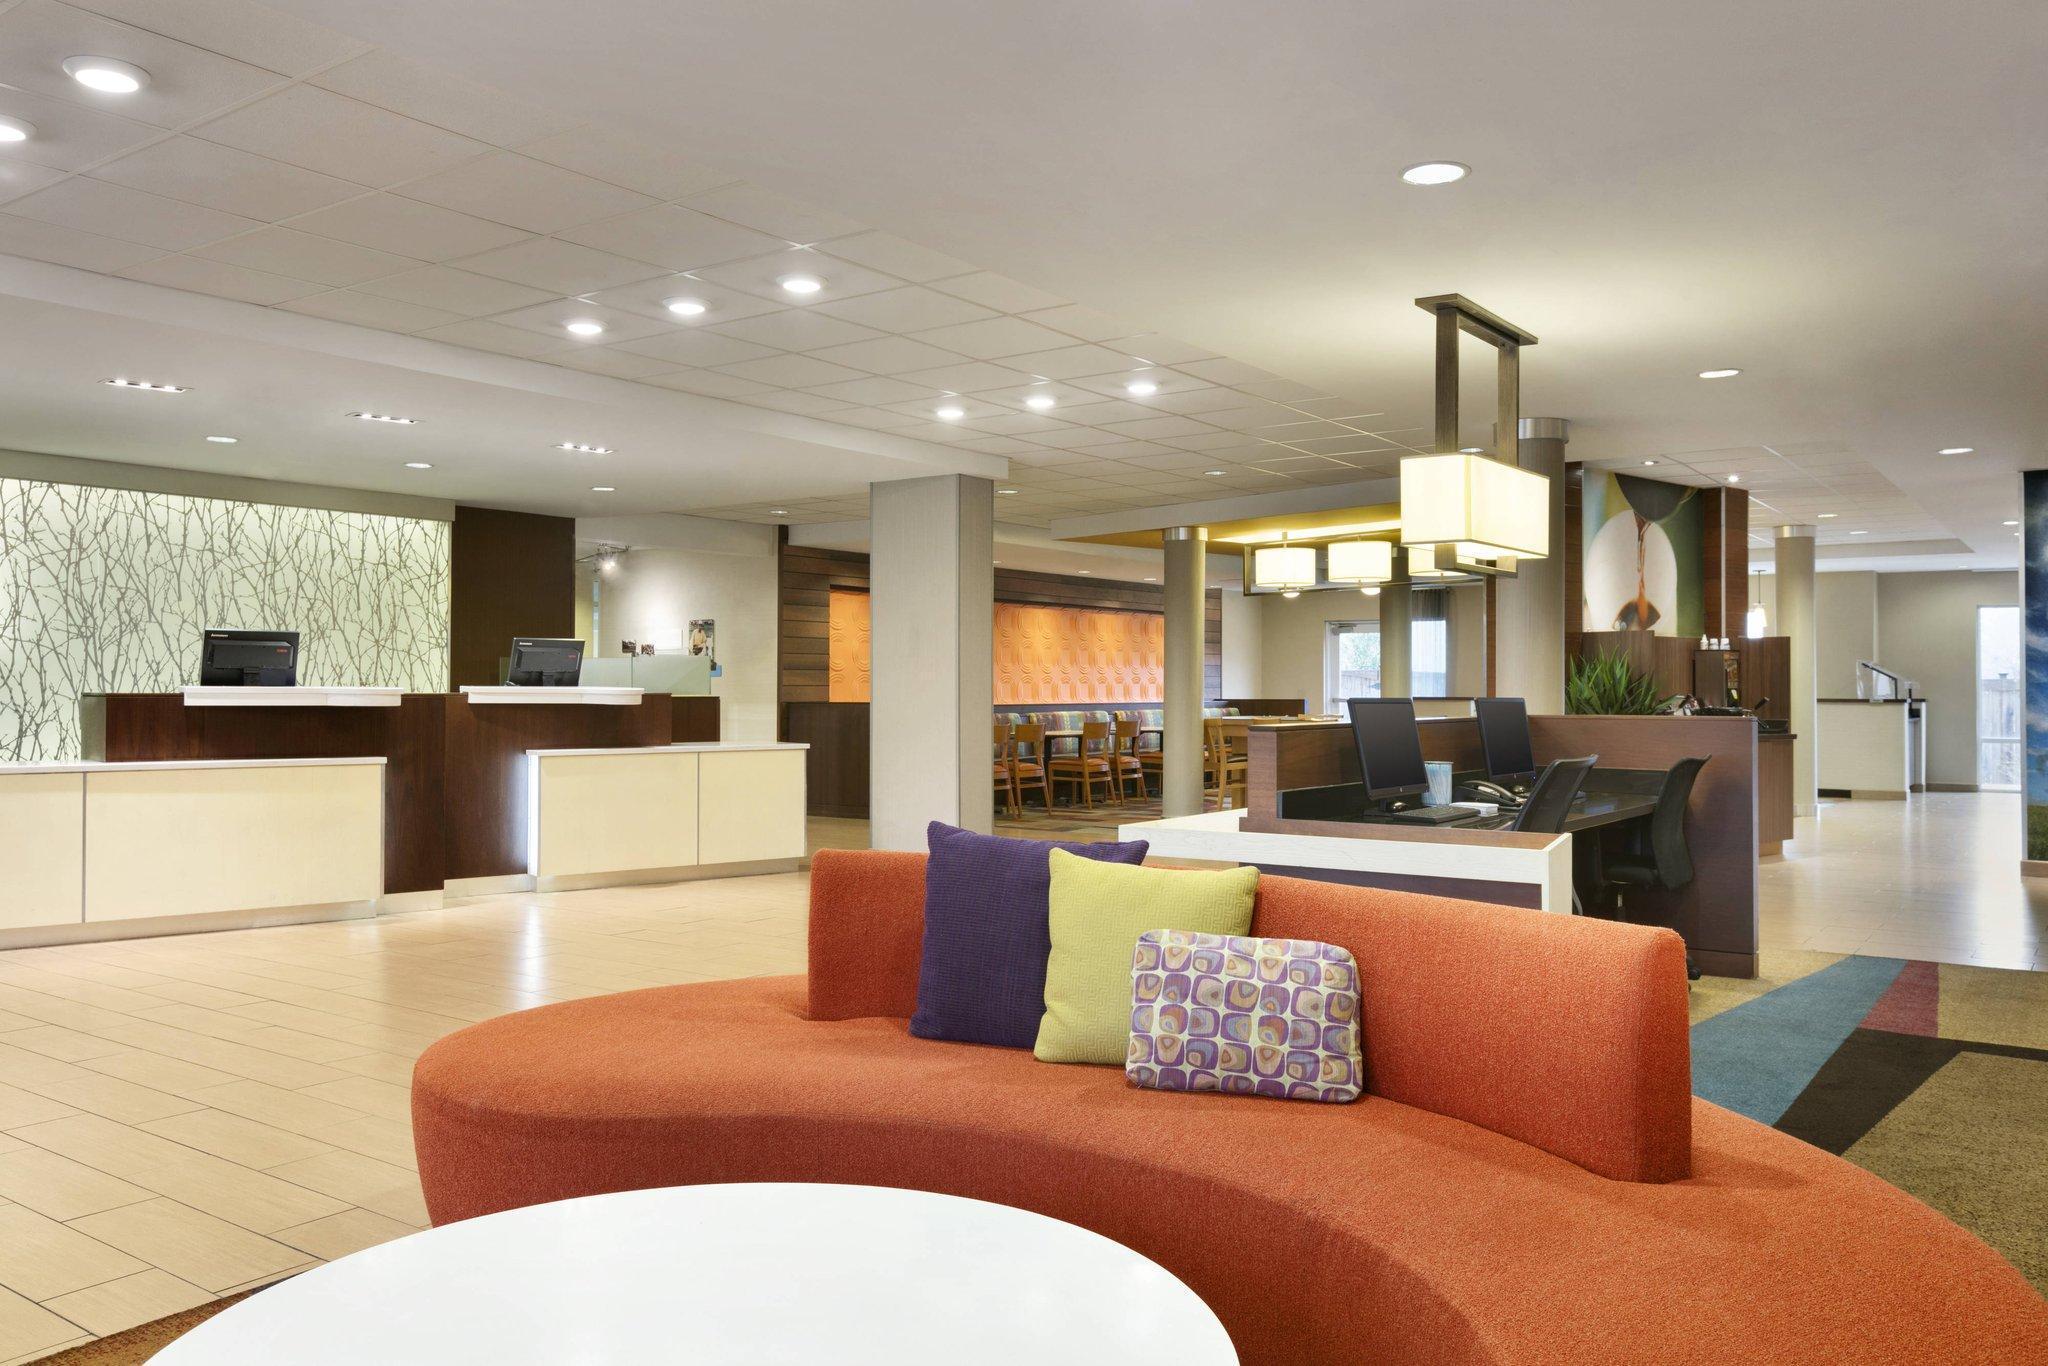 Fairfield Inn & Suites Smithfield Selma I 95